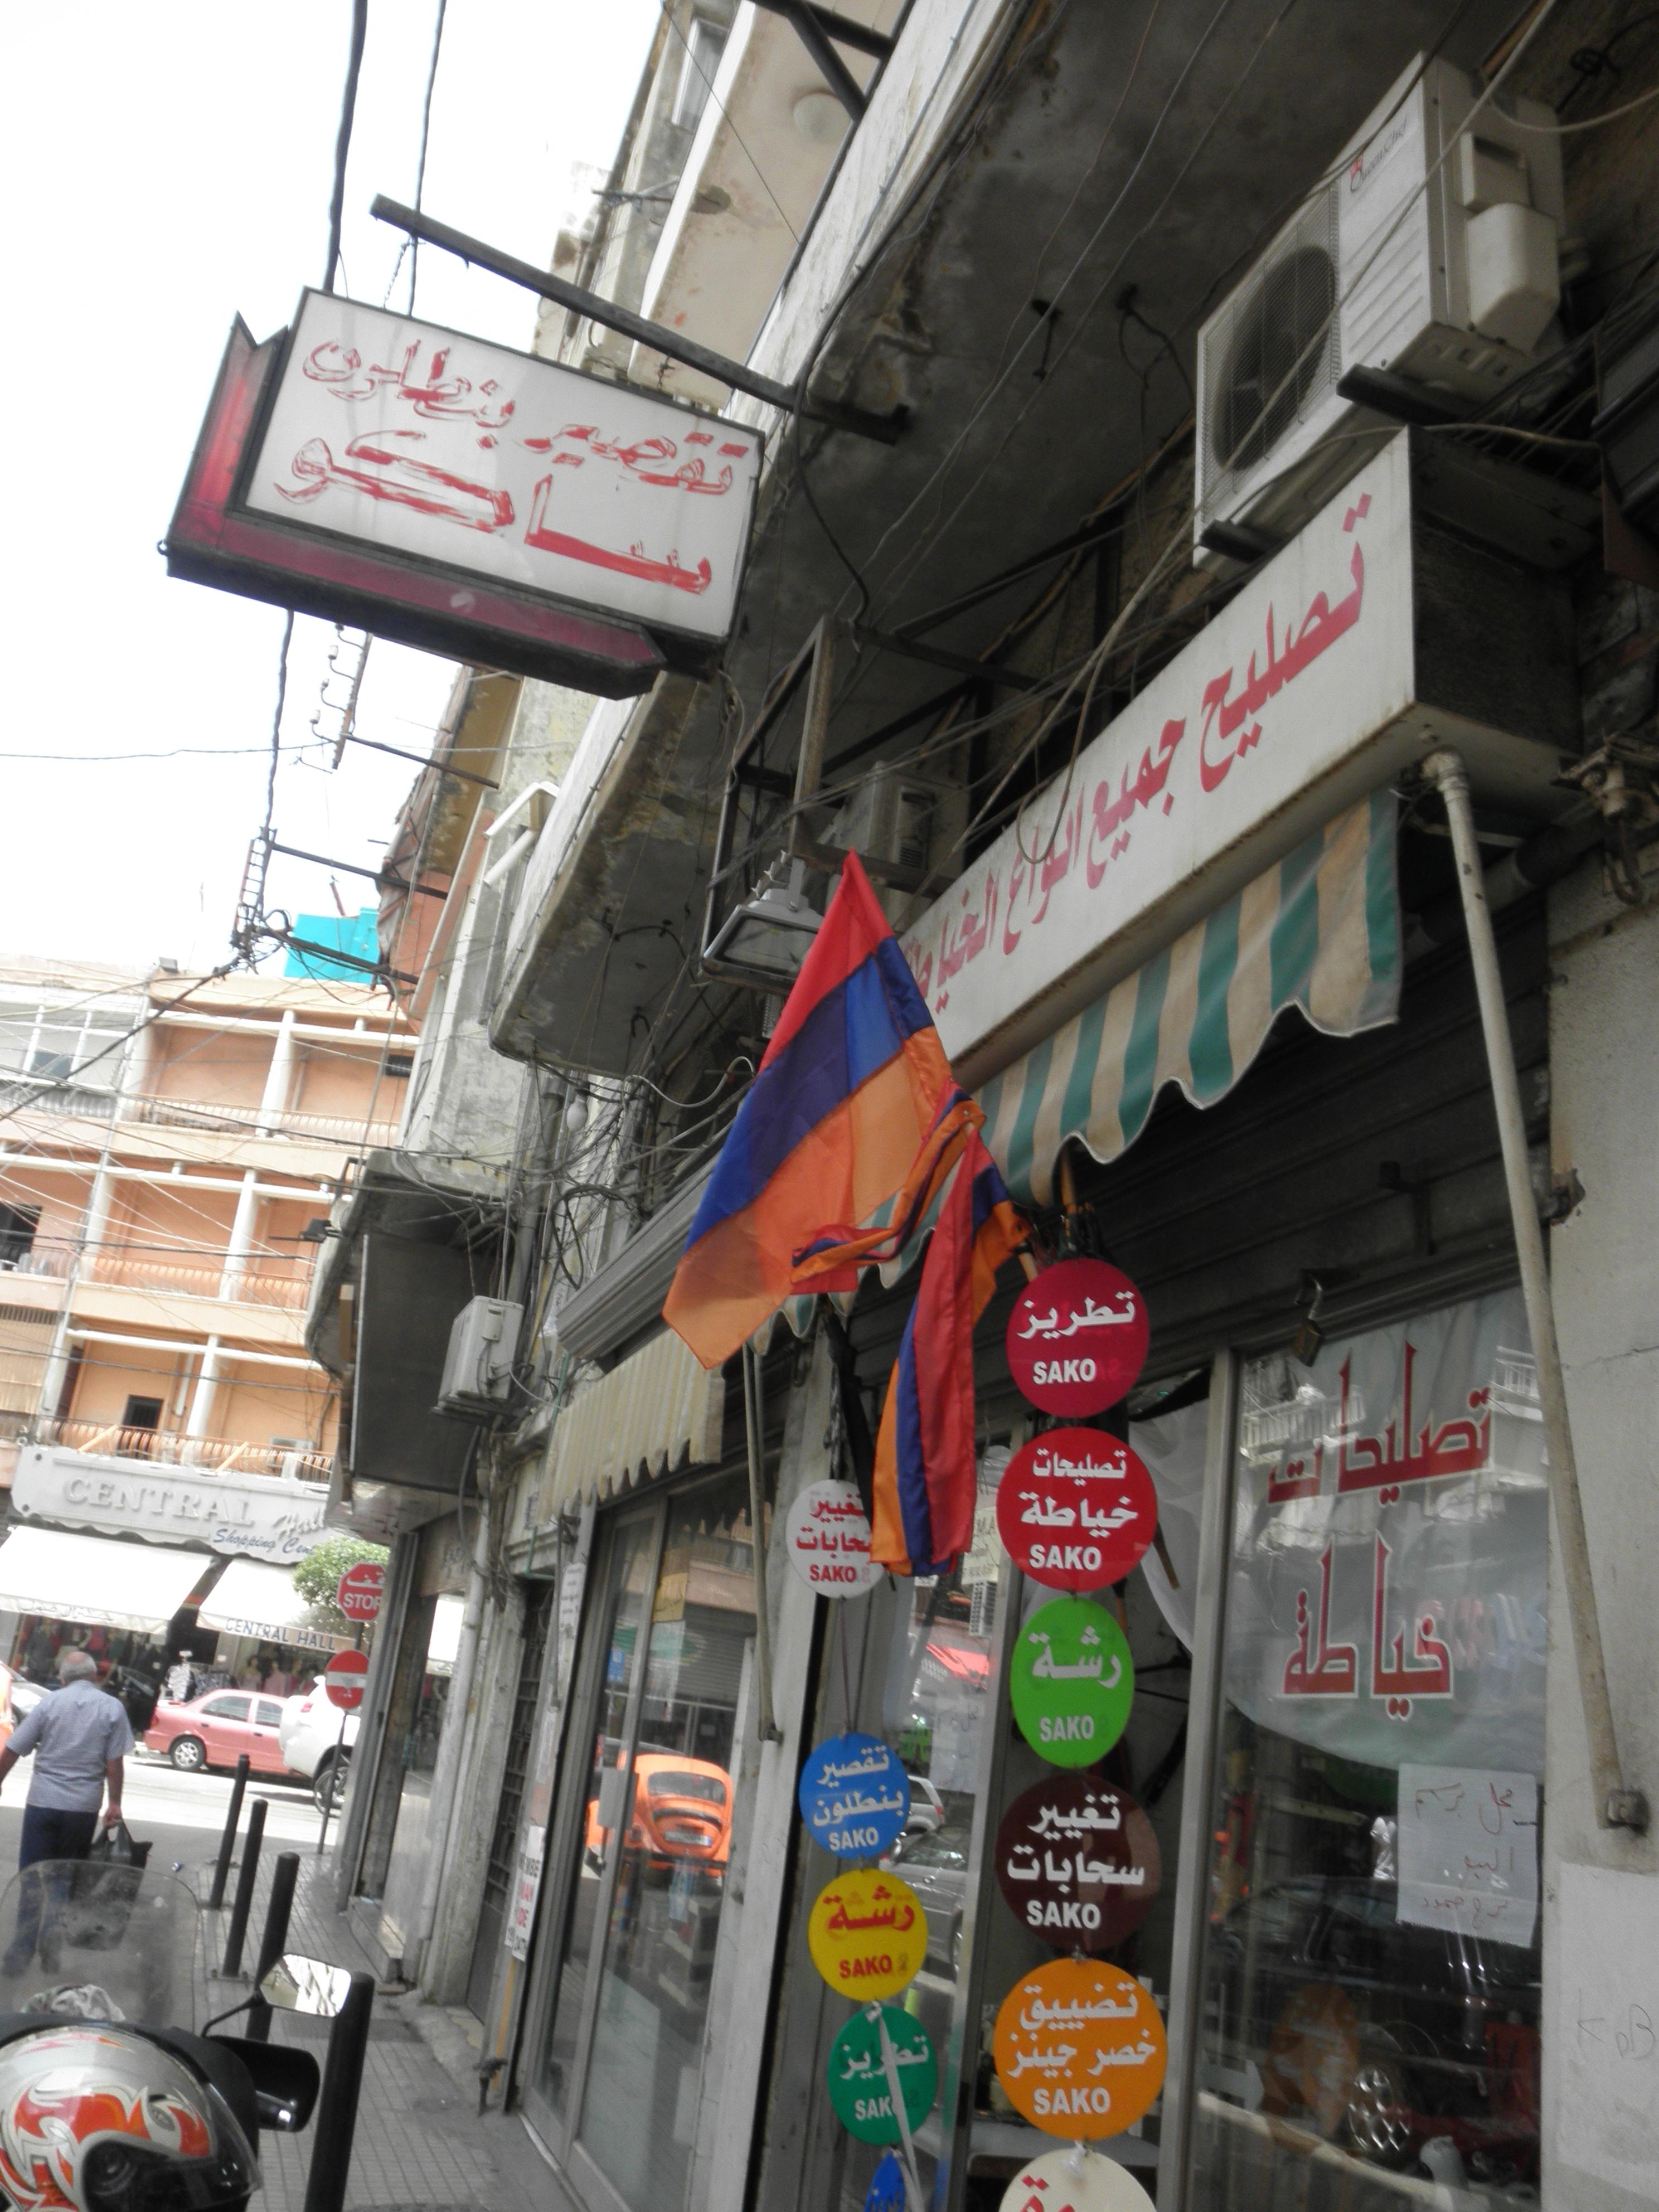 Armenian lippu liikkeen edessä Bourj Hammoudissa, Libanonissa.